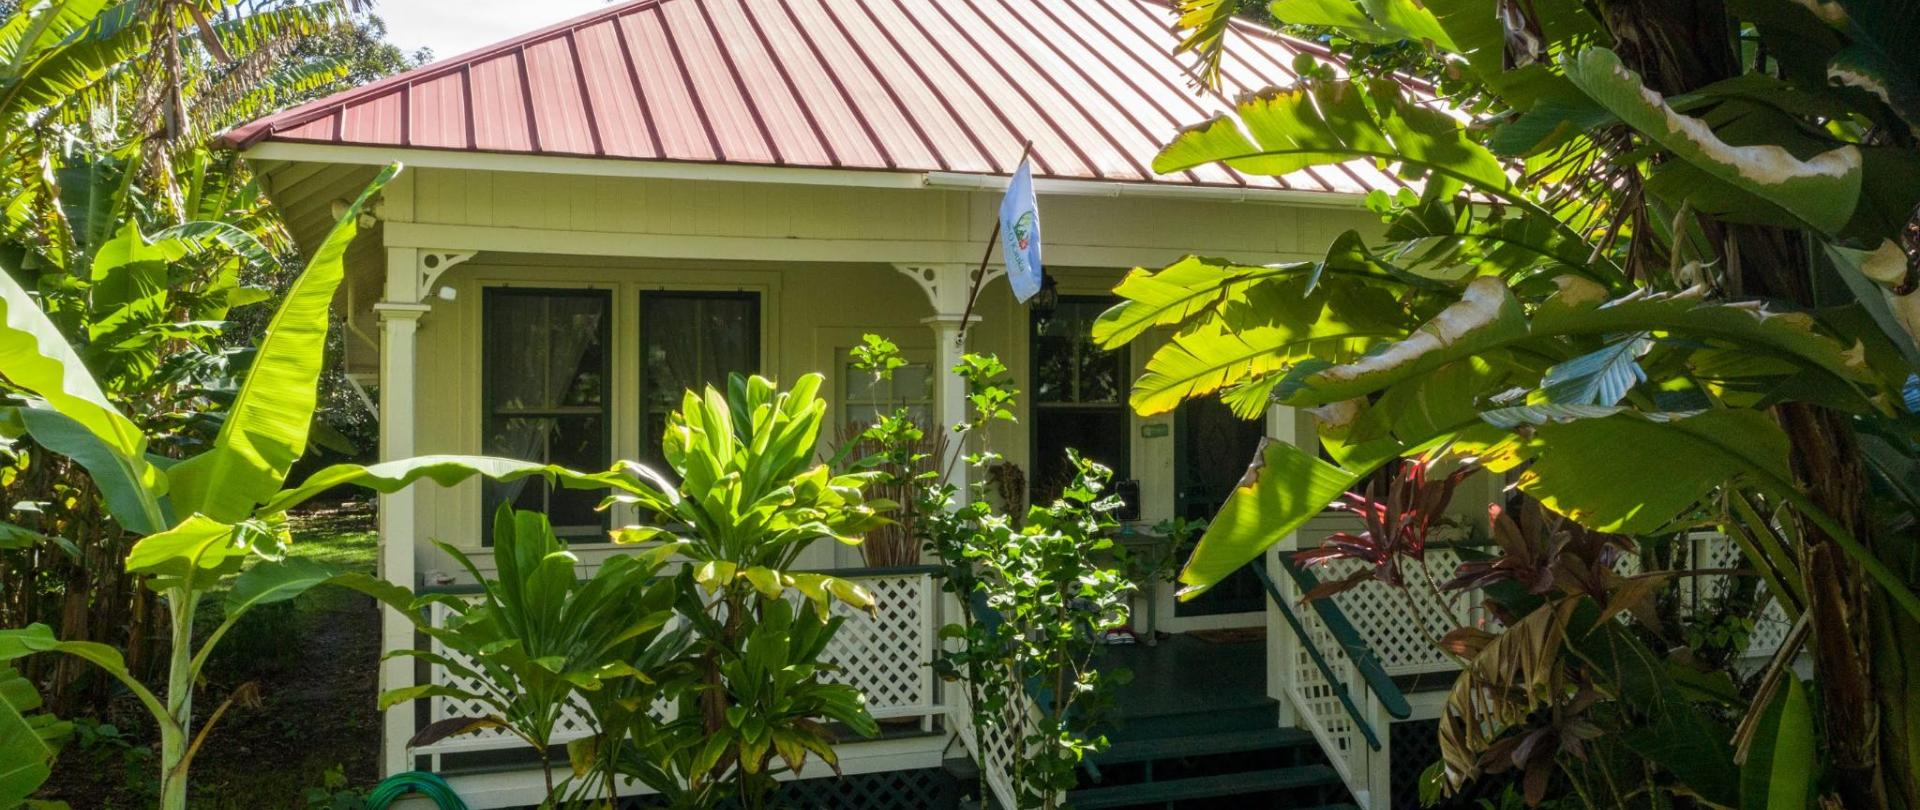 Hale O Kauka Healing Garden